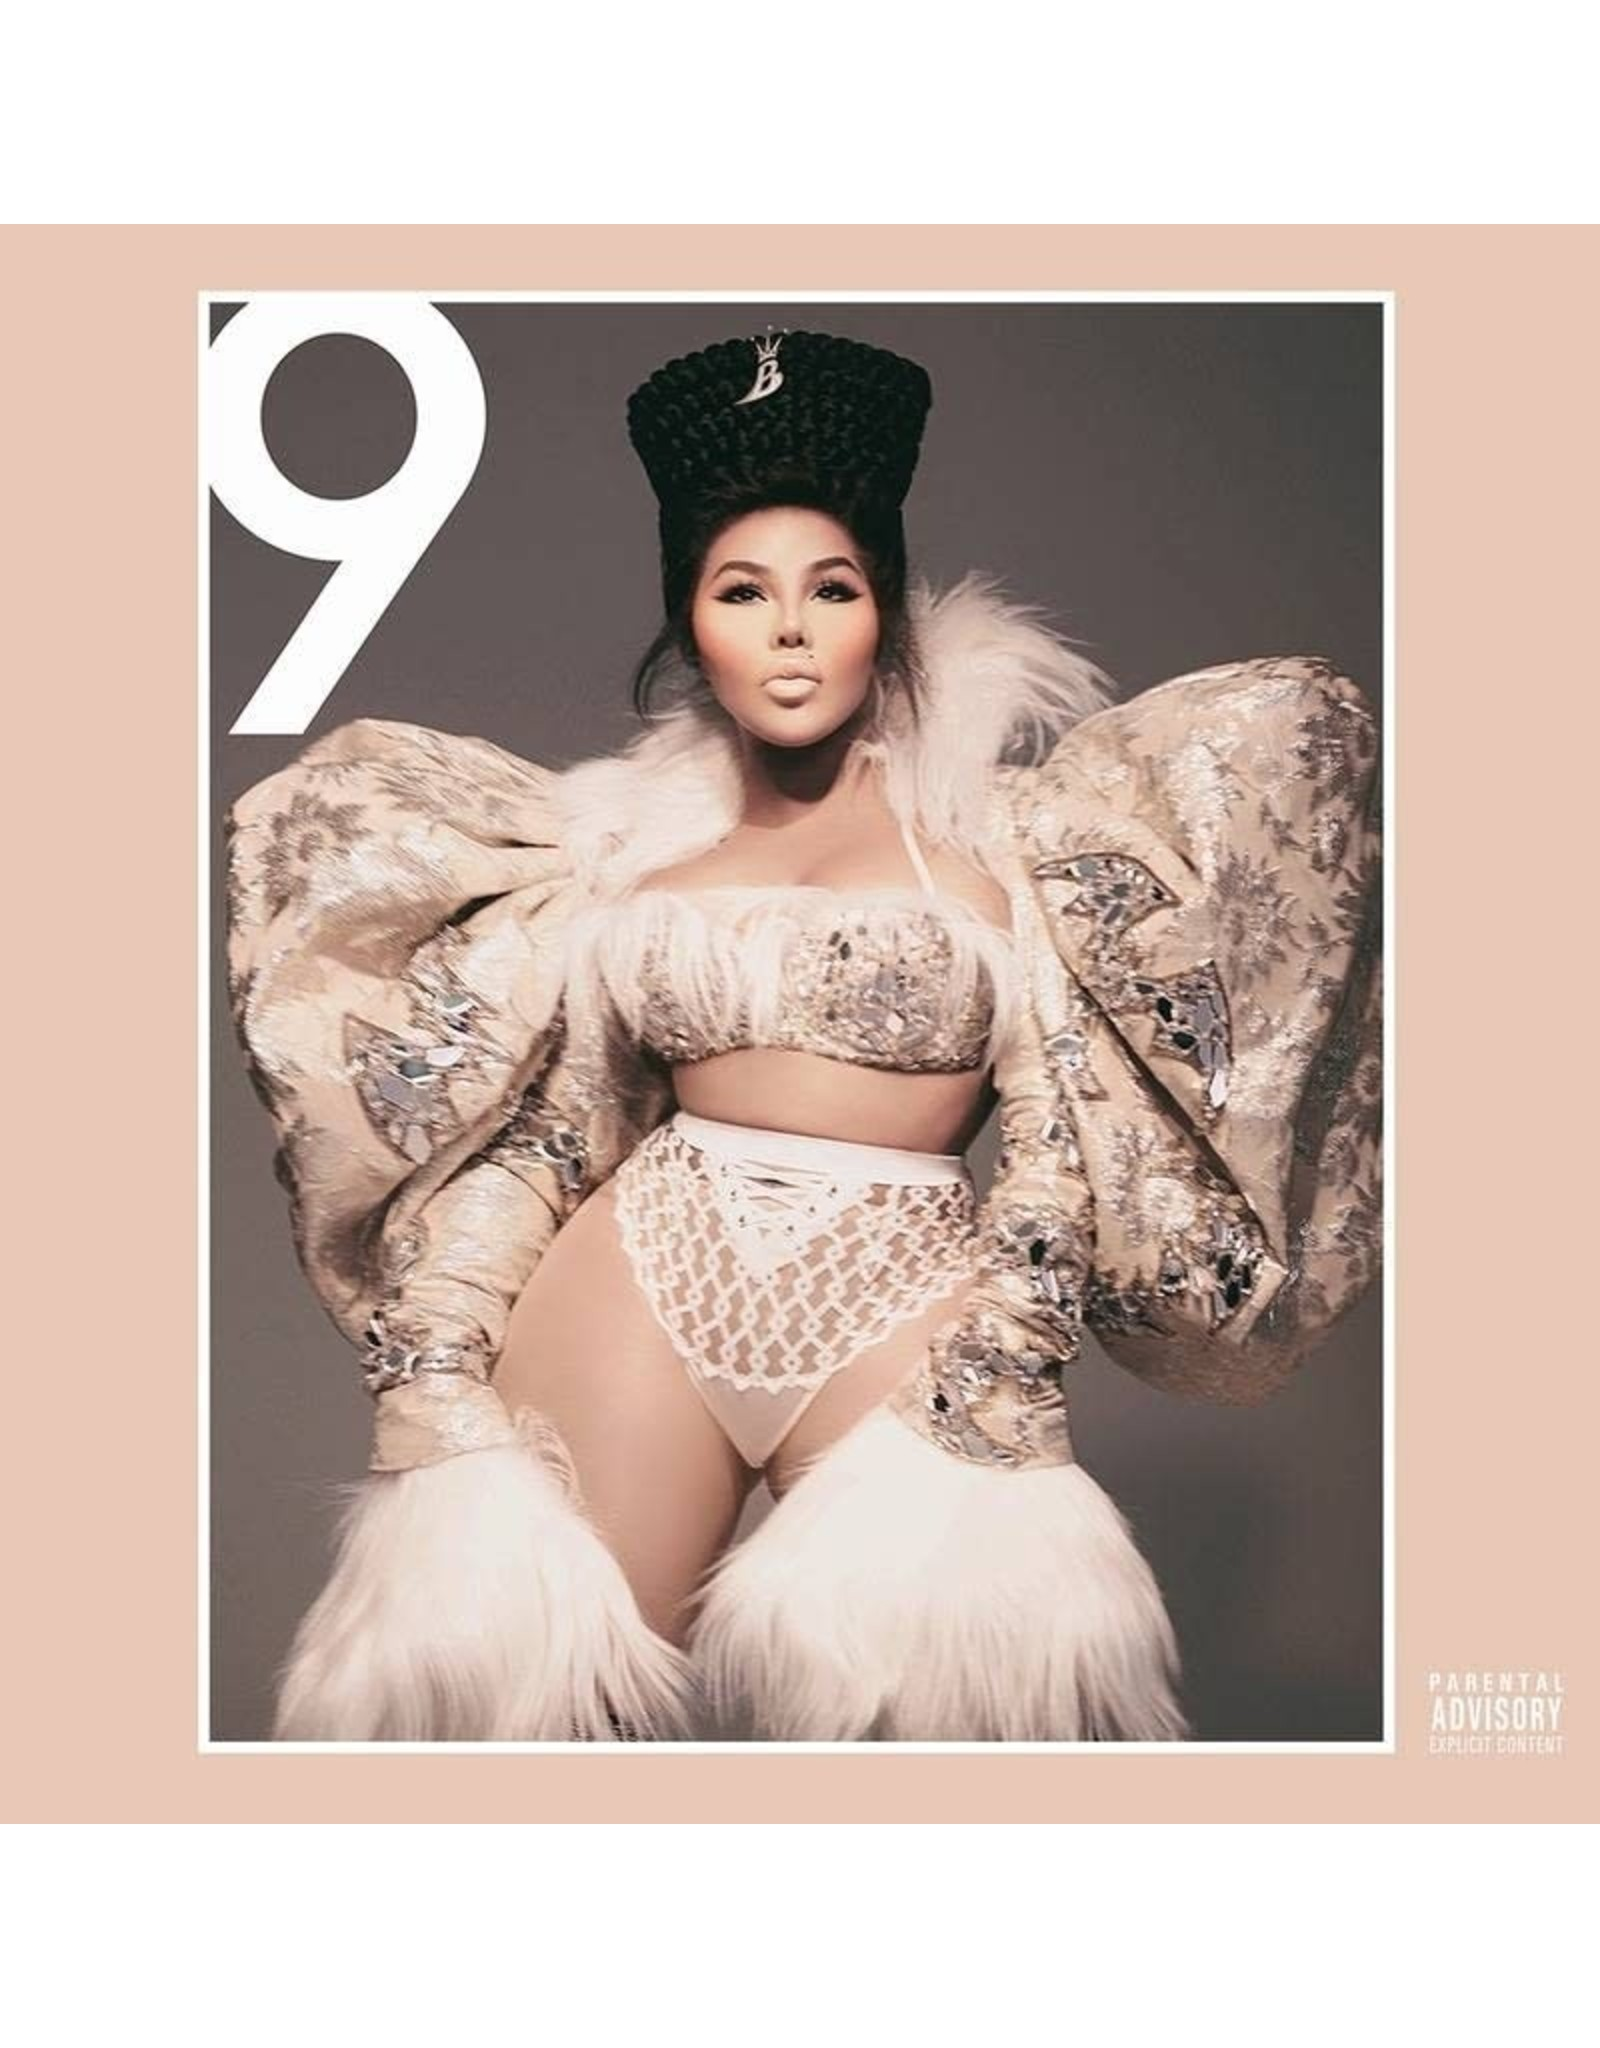 Lil' Kim - 9 LP (RSD 2020 Exclusive Coloured Vinyl)